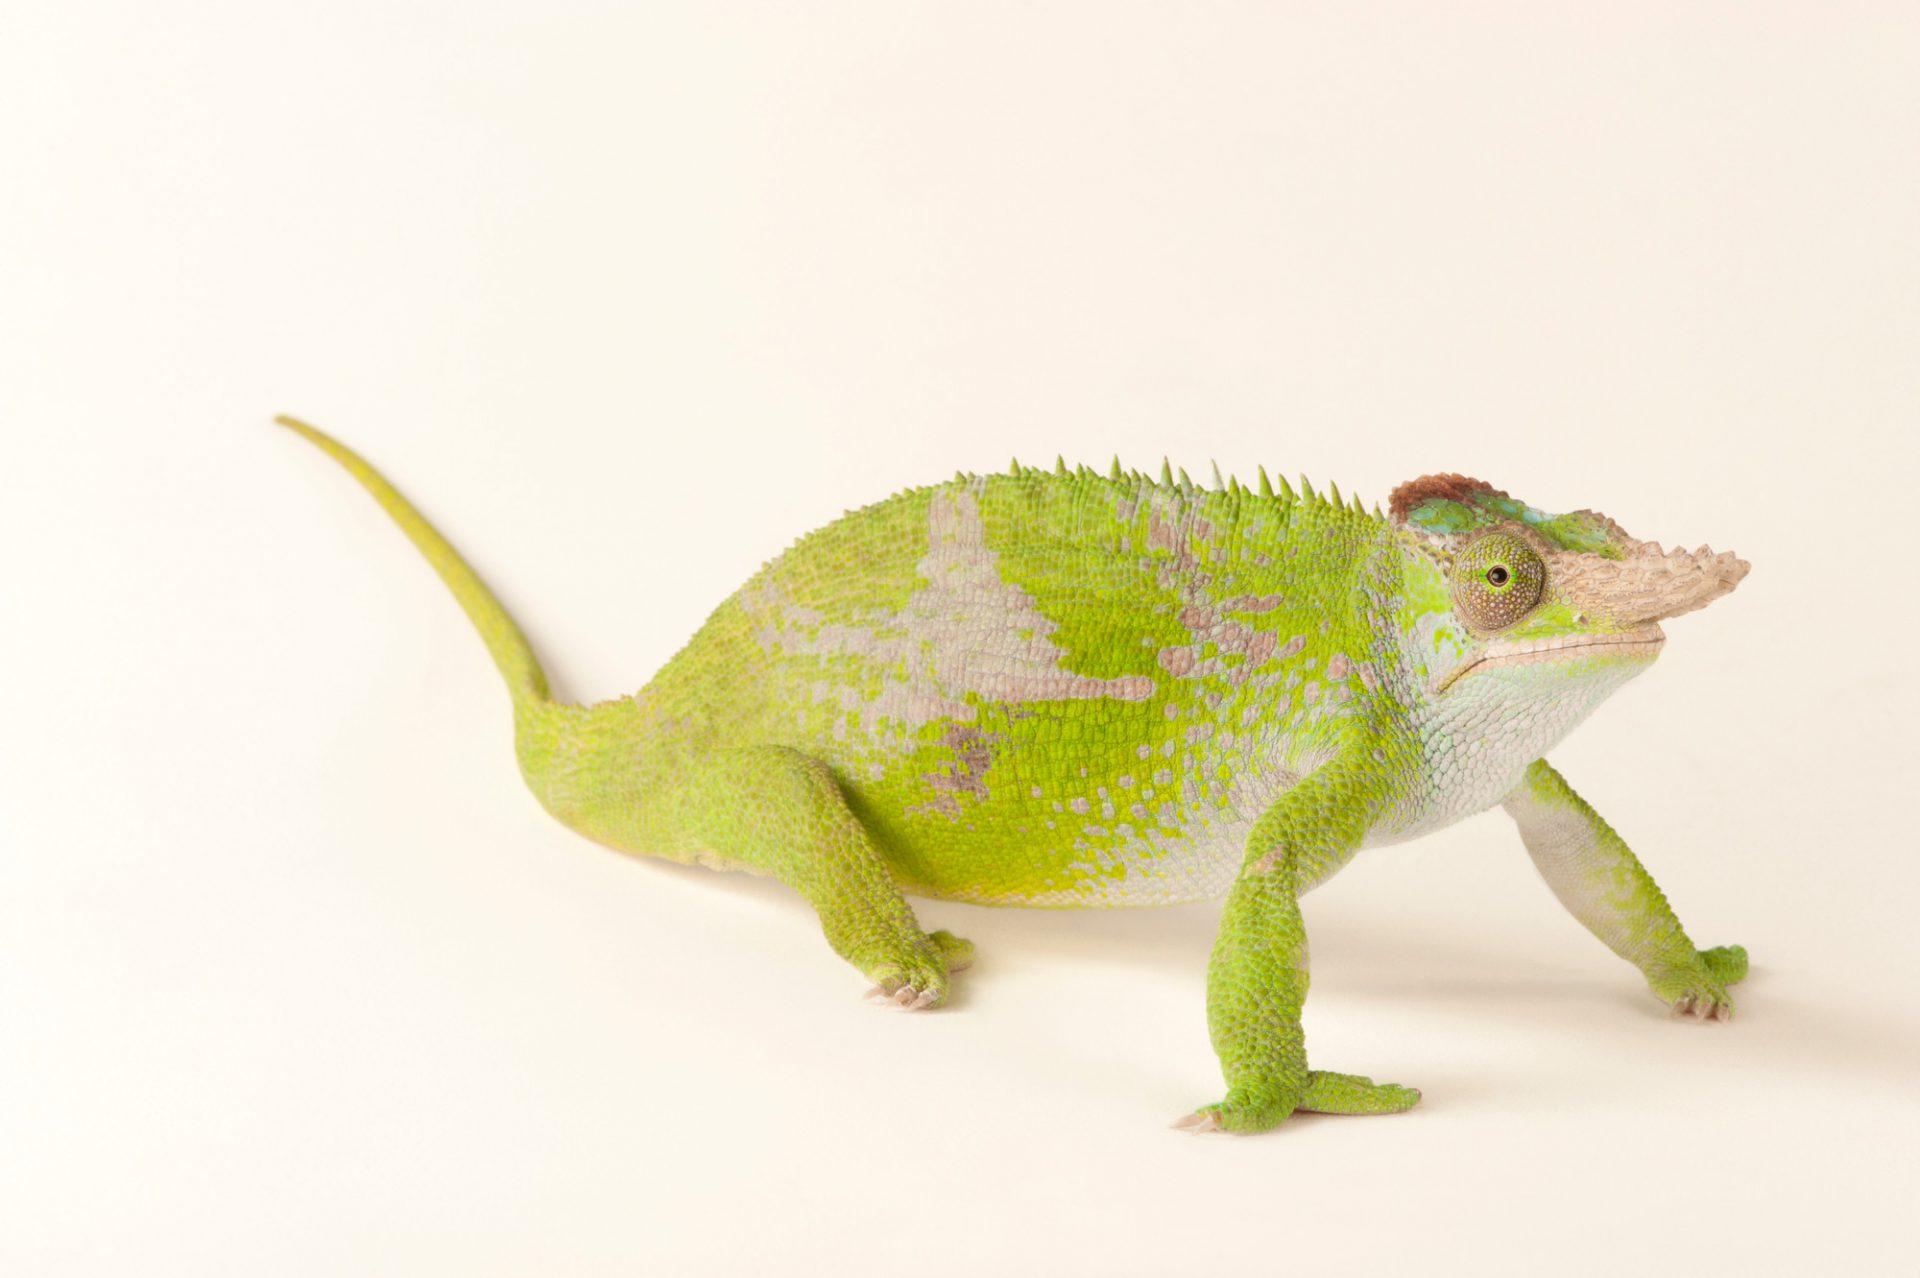 Fischer's chameleon (Kinyongia fischeri) at the Omaha Zoo.